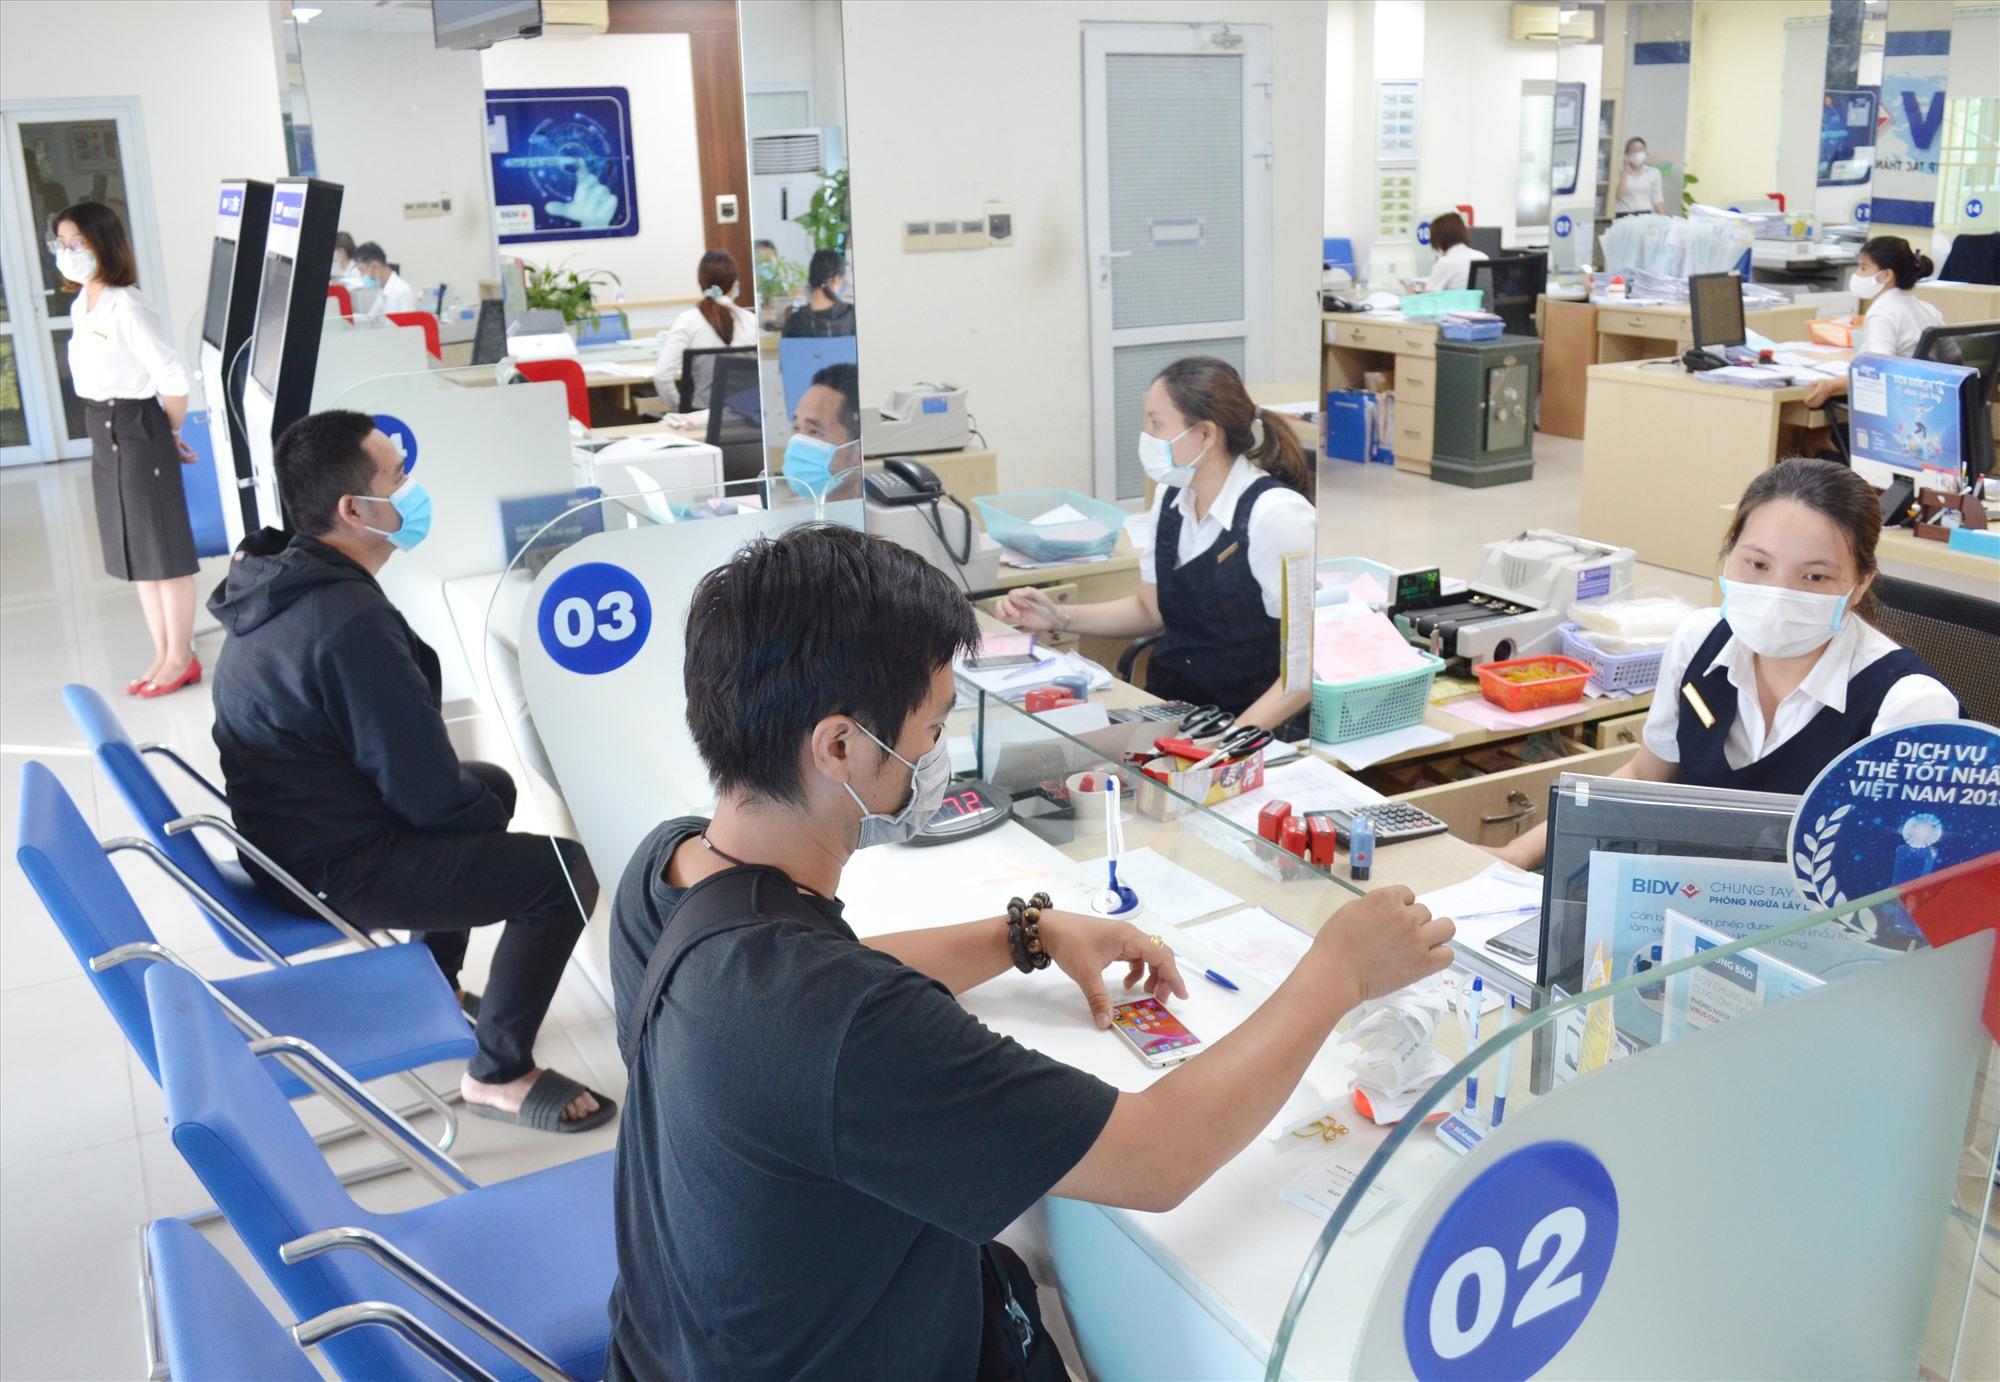 BIDV chi nhánh Quảng Nam đang tập trung các giải pháp để hạn chế dòng tiền đổ vào bất động sản. Ảnh: VIỆT NGUYỄN